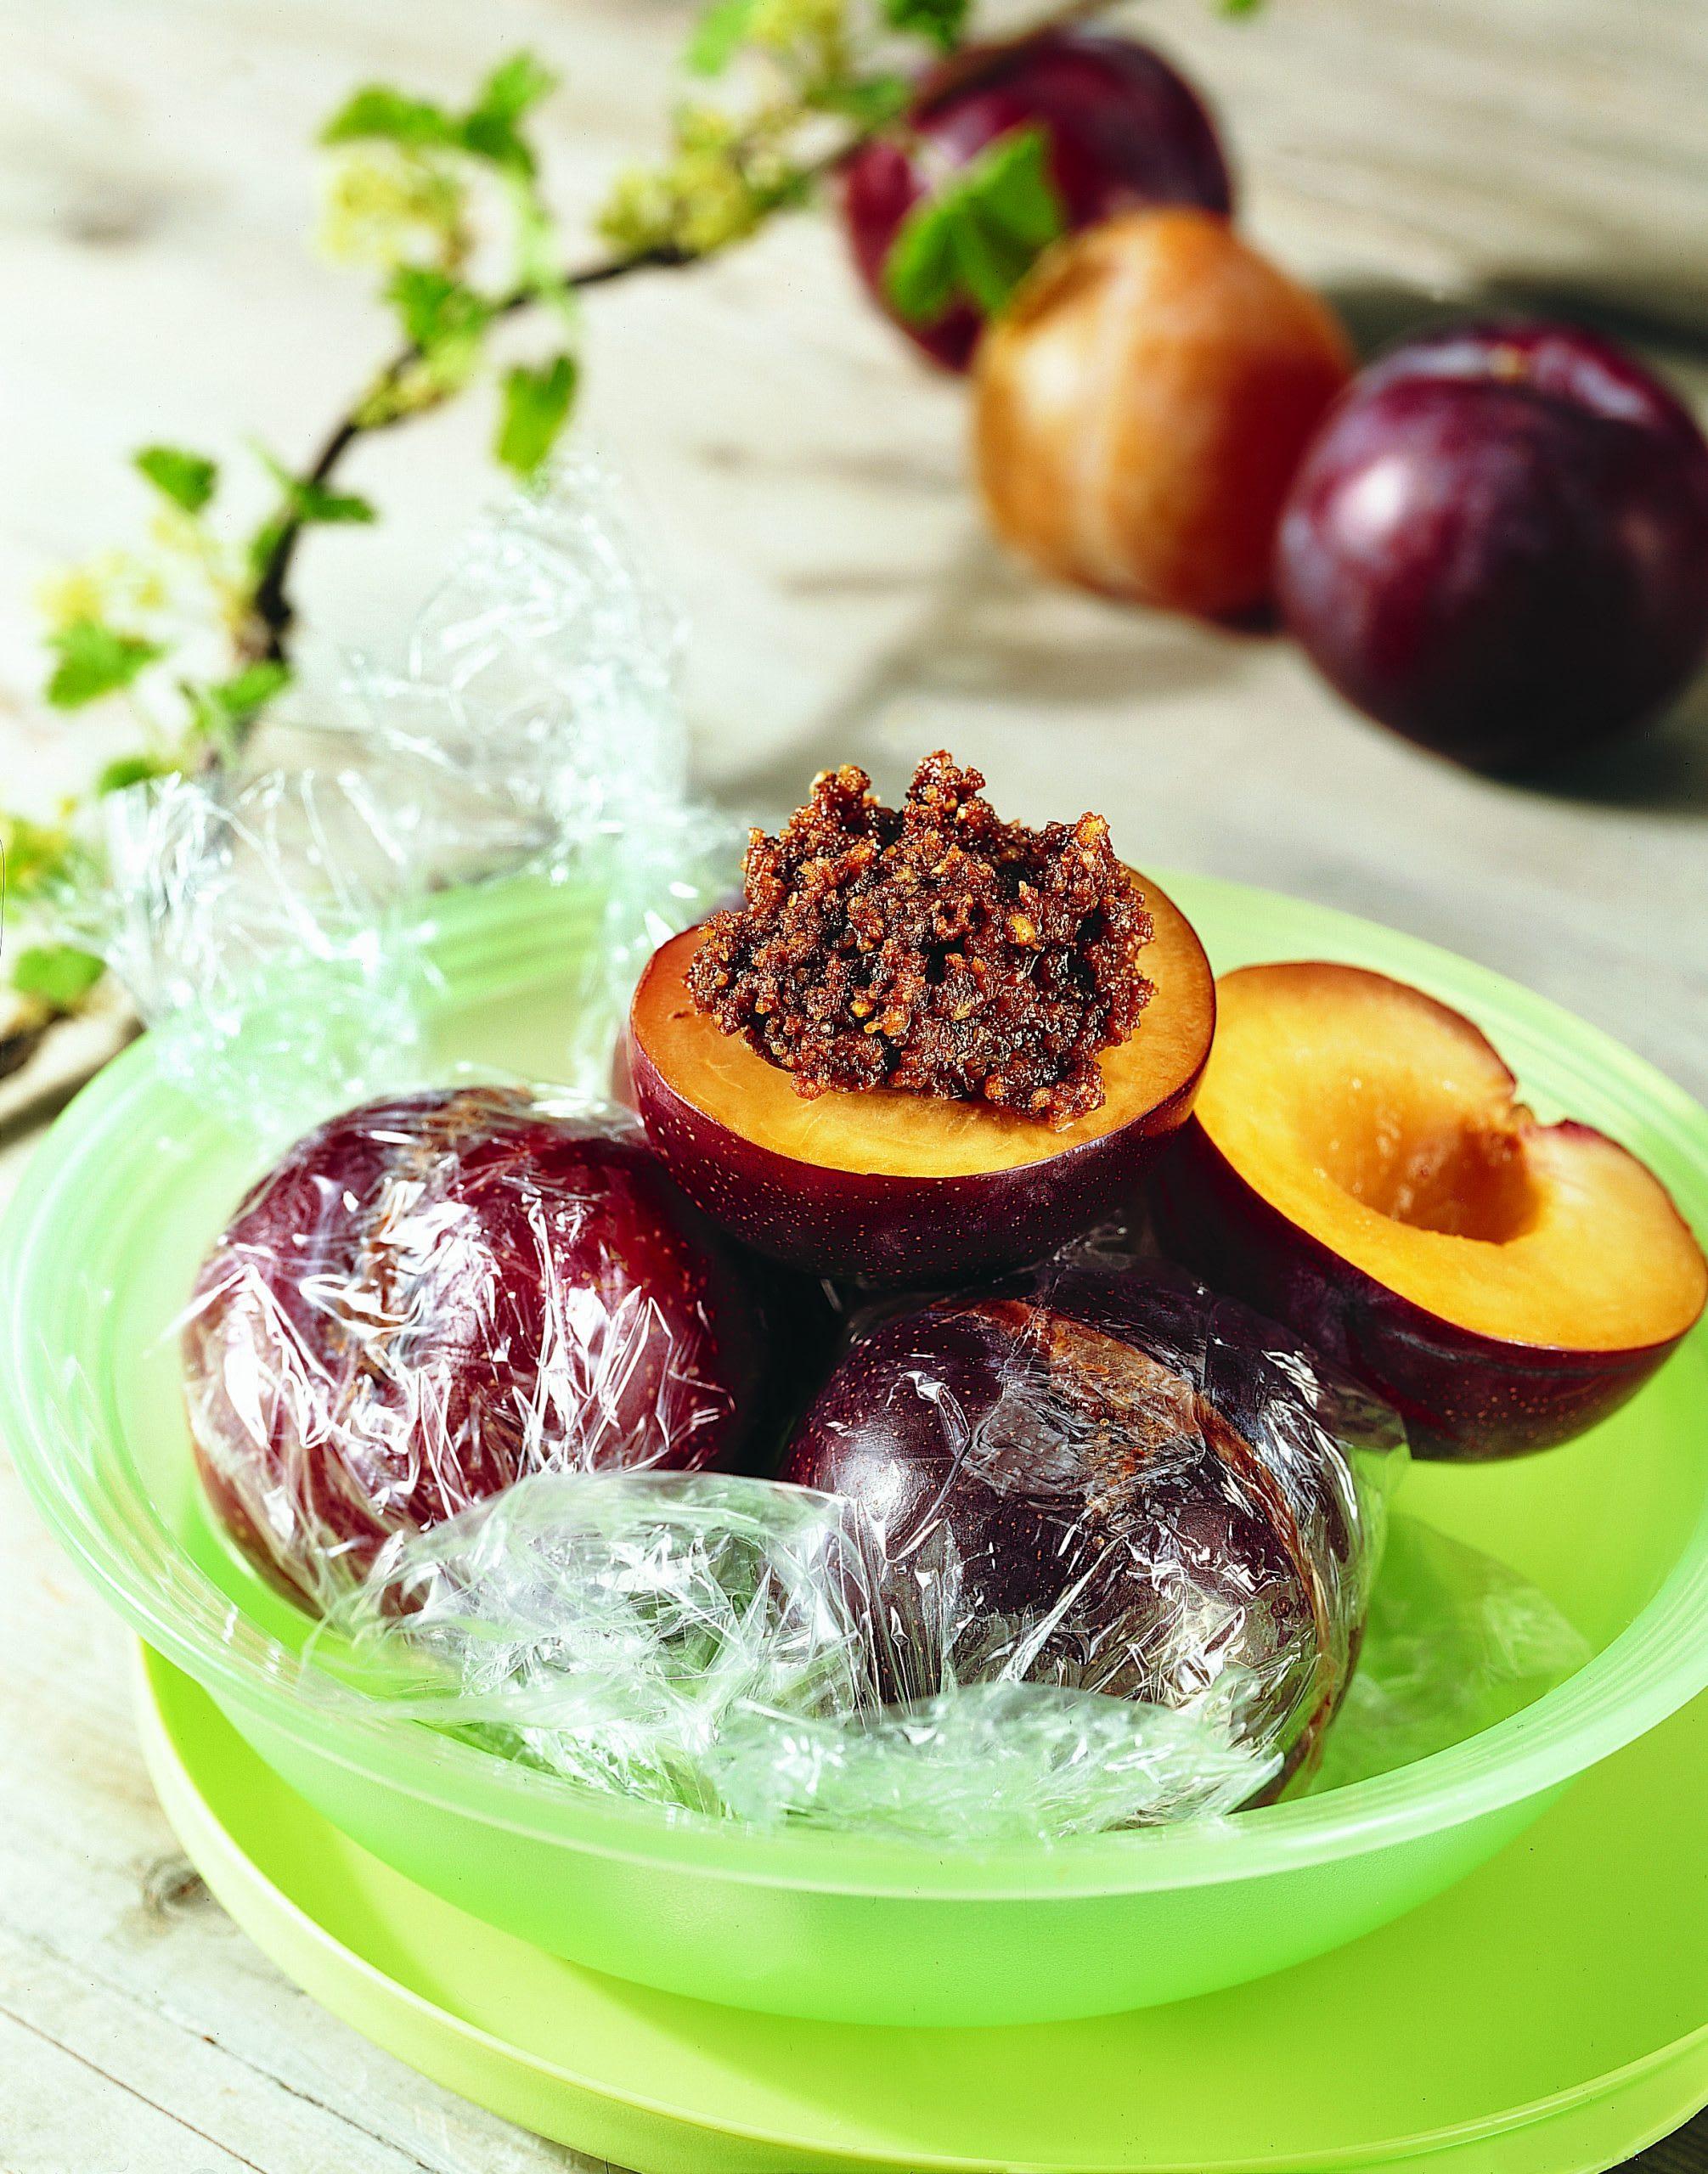 Gefüllte Früchte